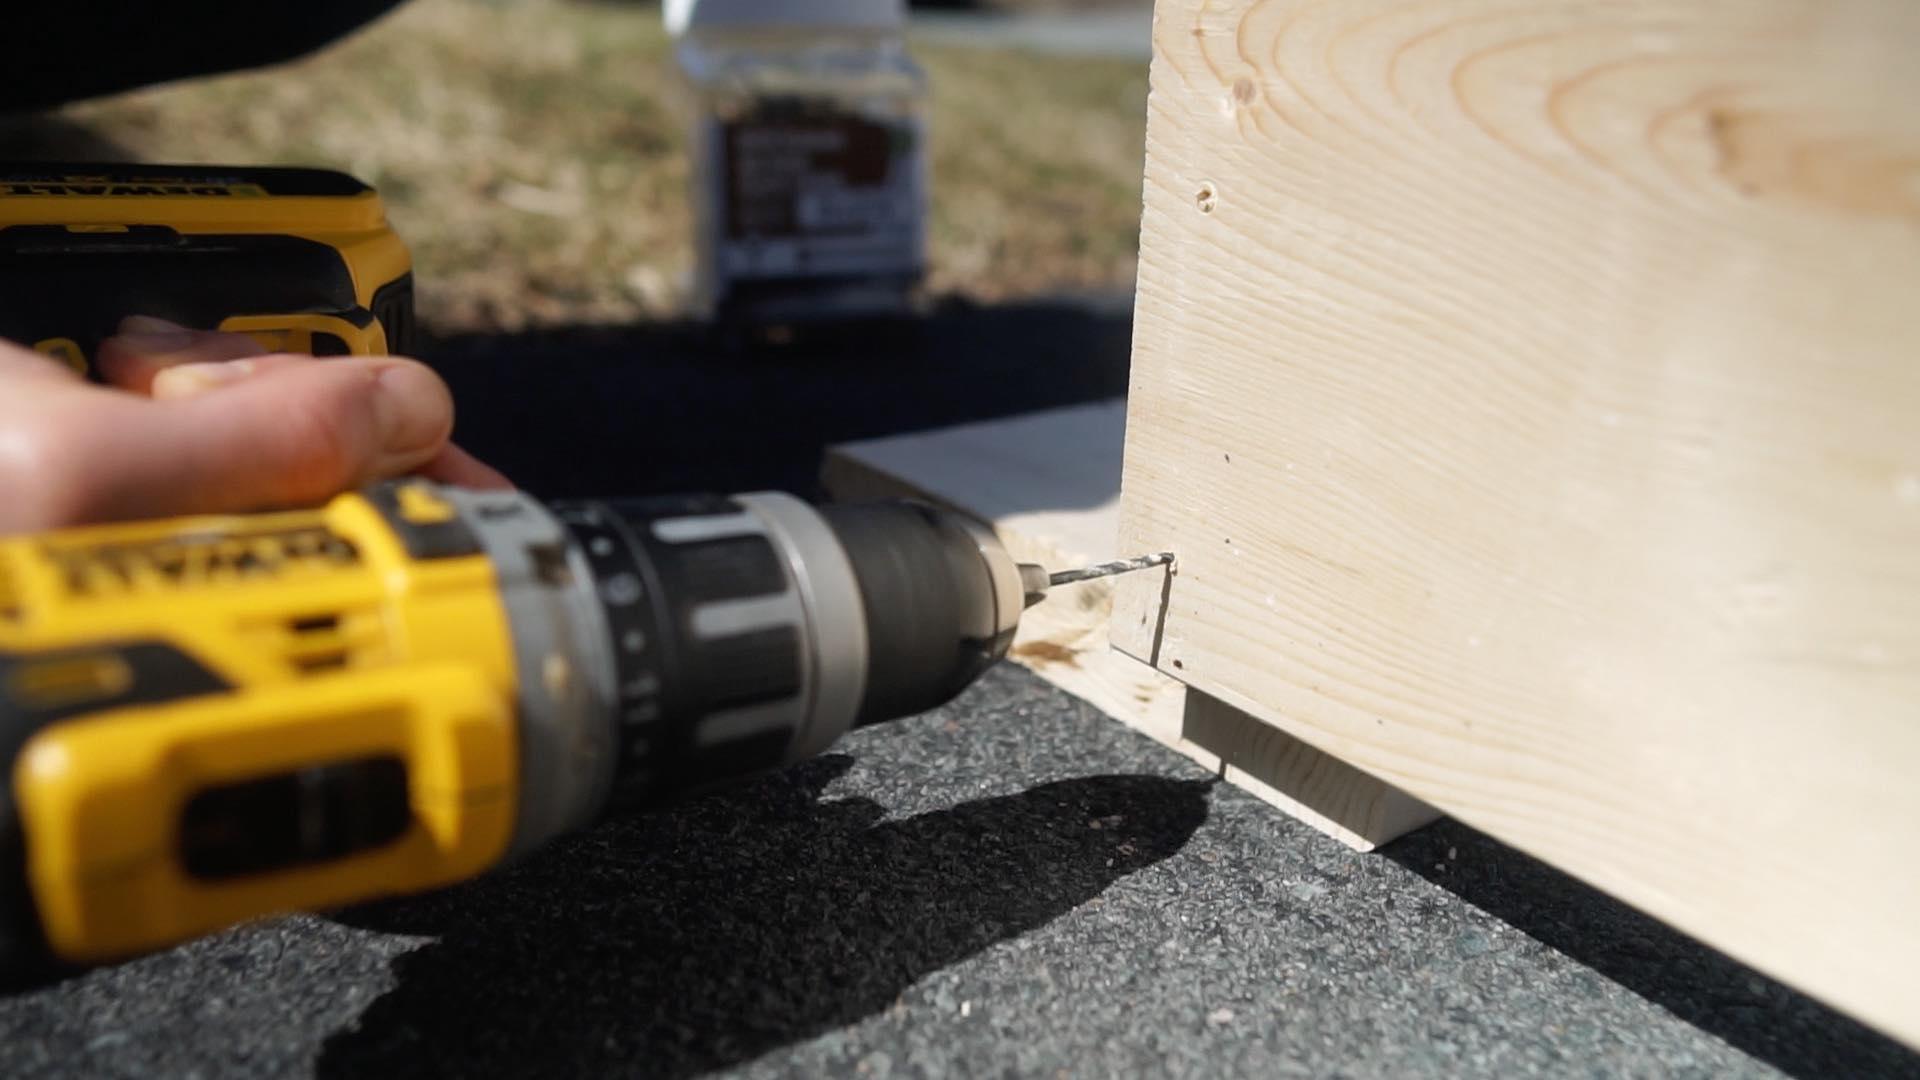 dewalt drill drilling a hole in wood